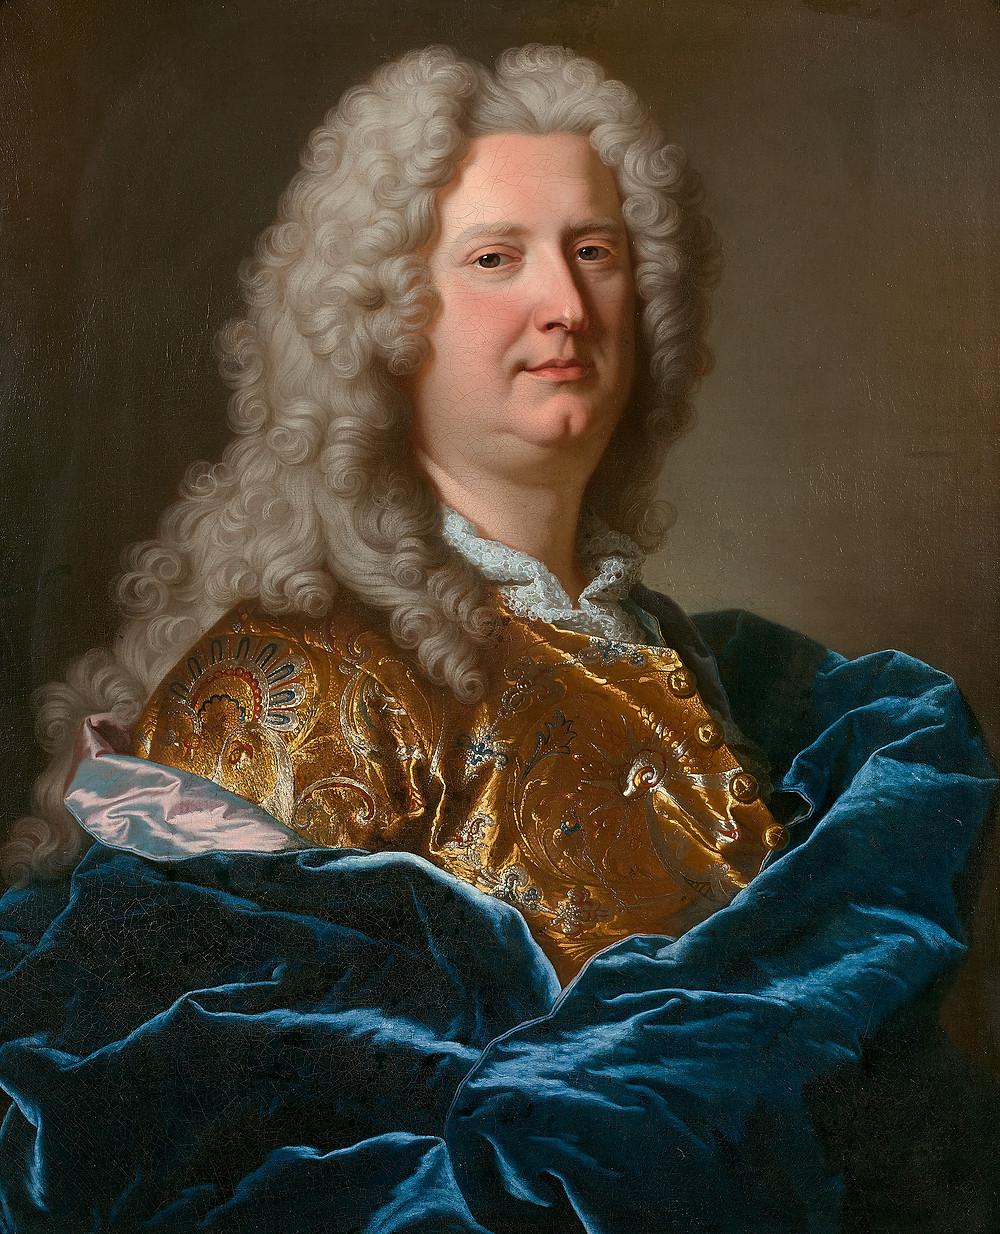 Hyacinthe Rigaud, Portrait d'un homme inconnu, vers 1734, collection particulière